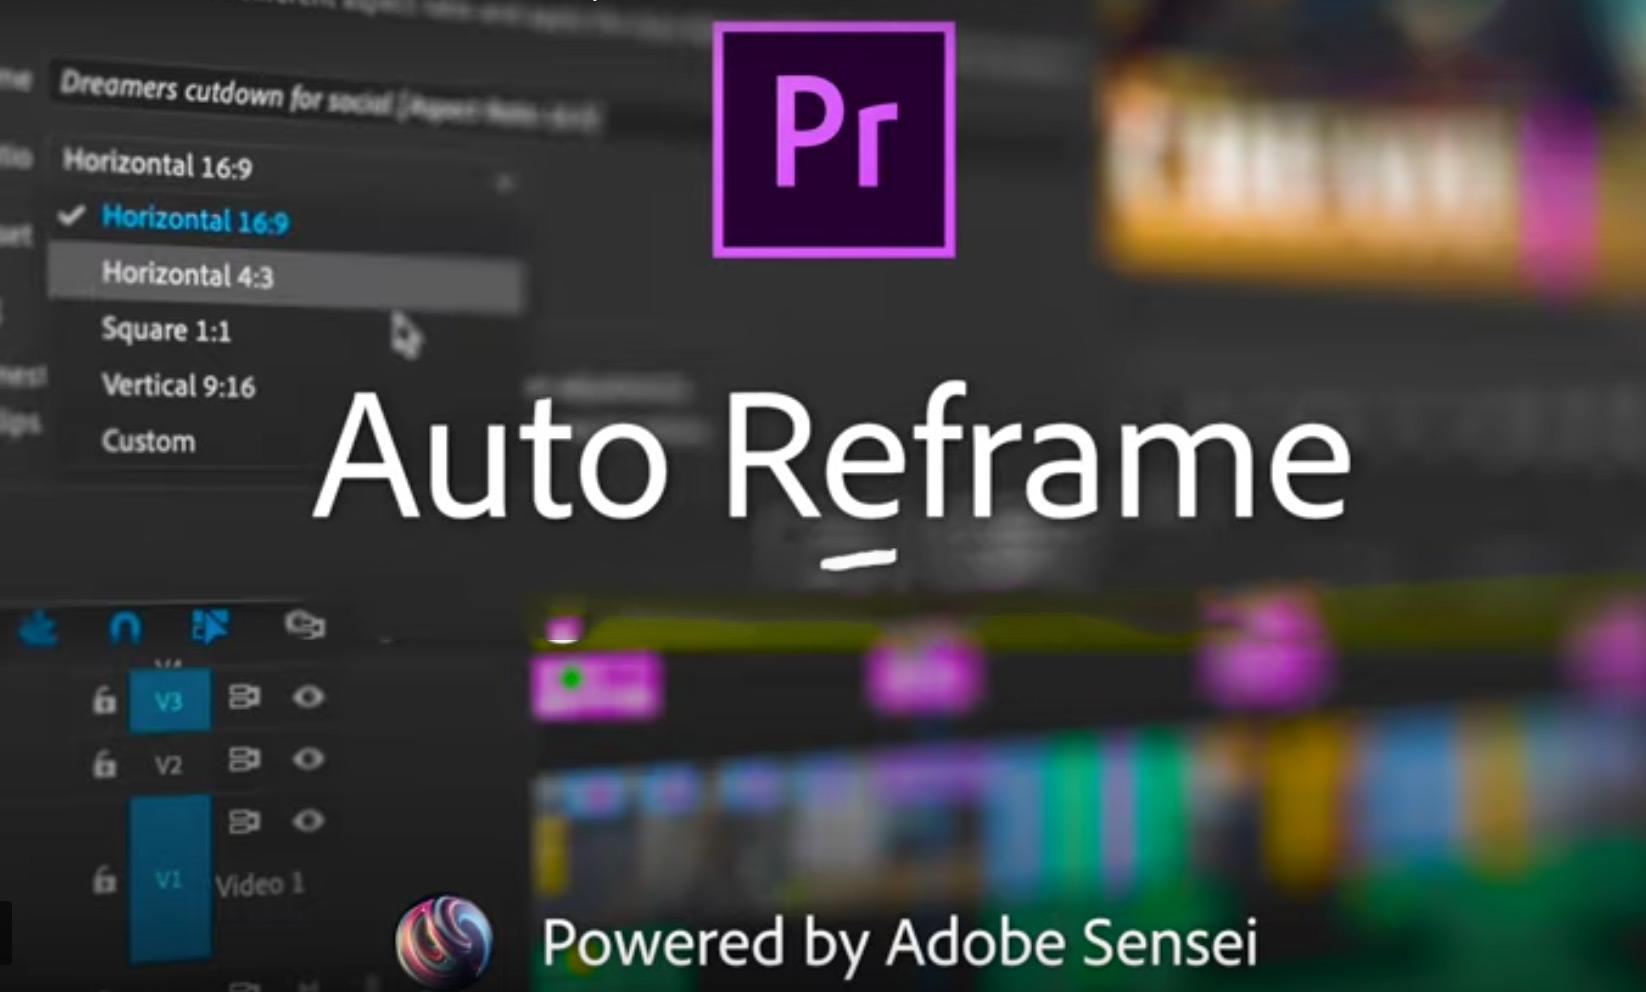 New Adobe Premiere Pro 2020